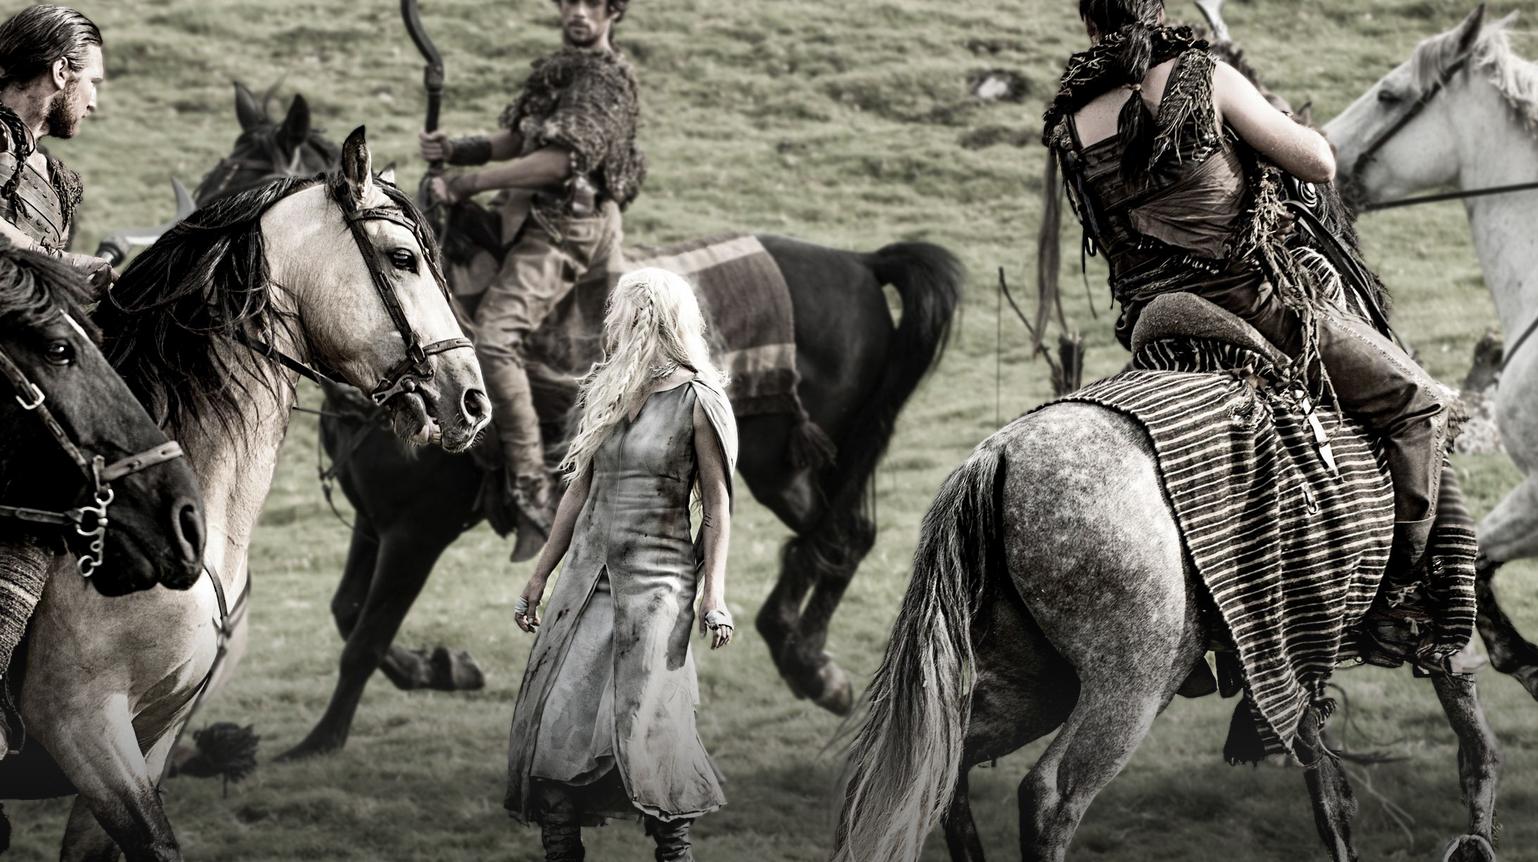 Иллюстрация к статье: Как HBO продает «Игры Престолов»: маркетинг, вербующий фанатов